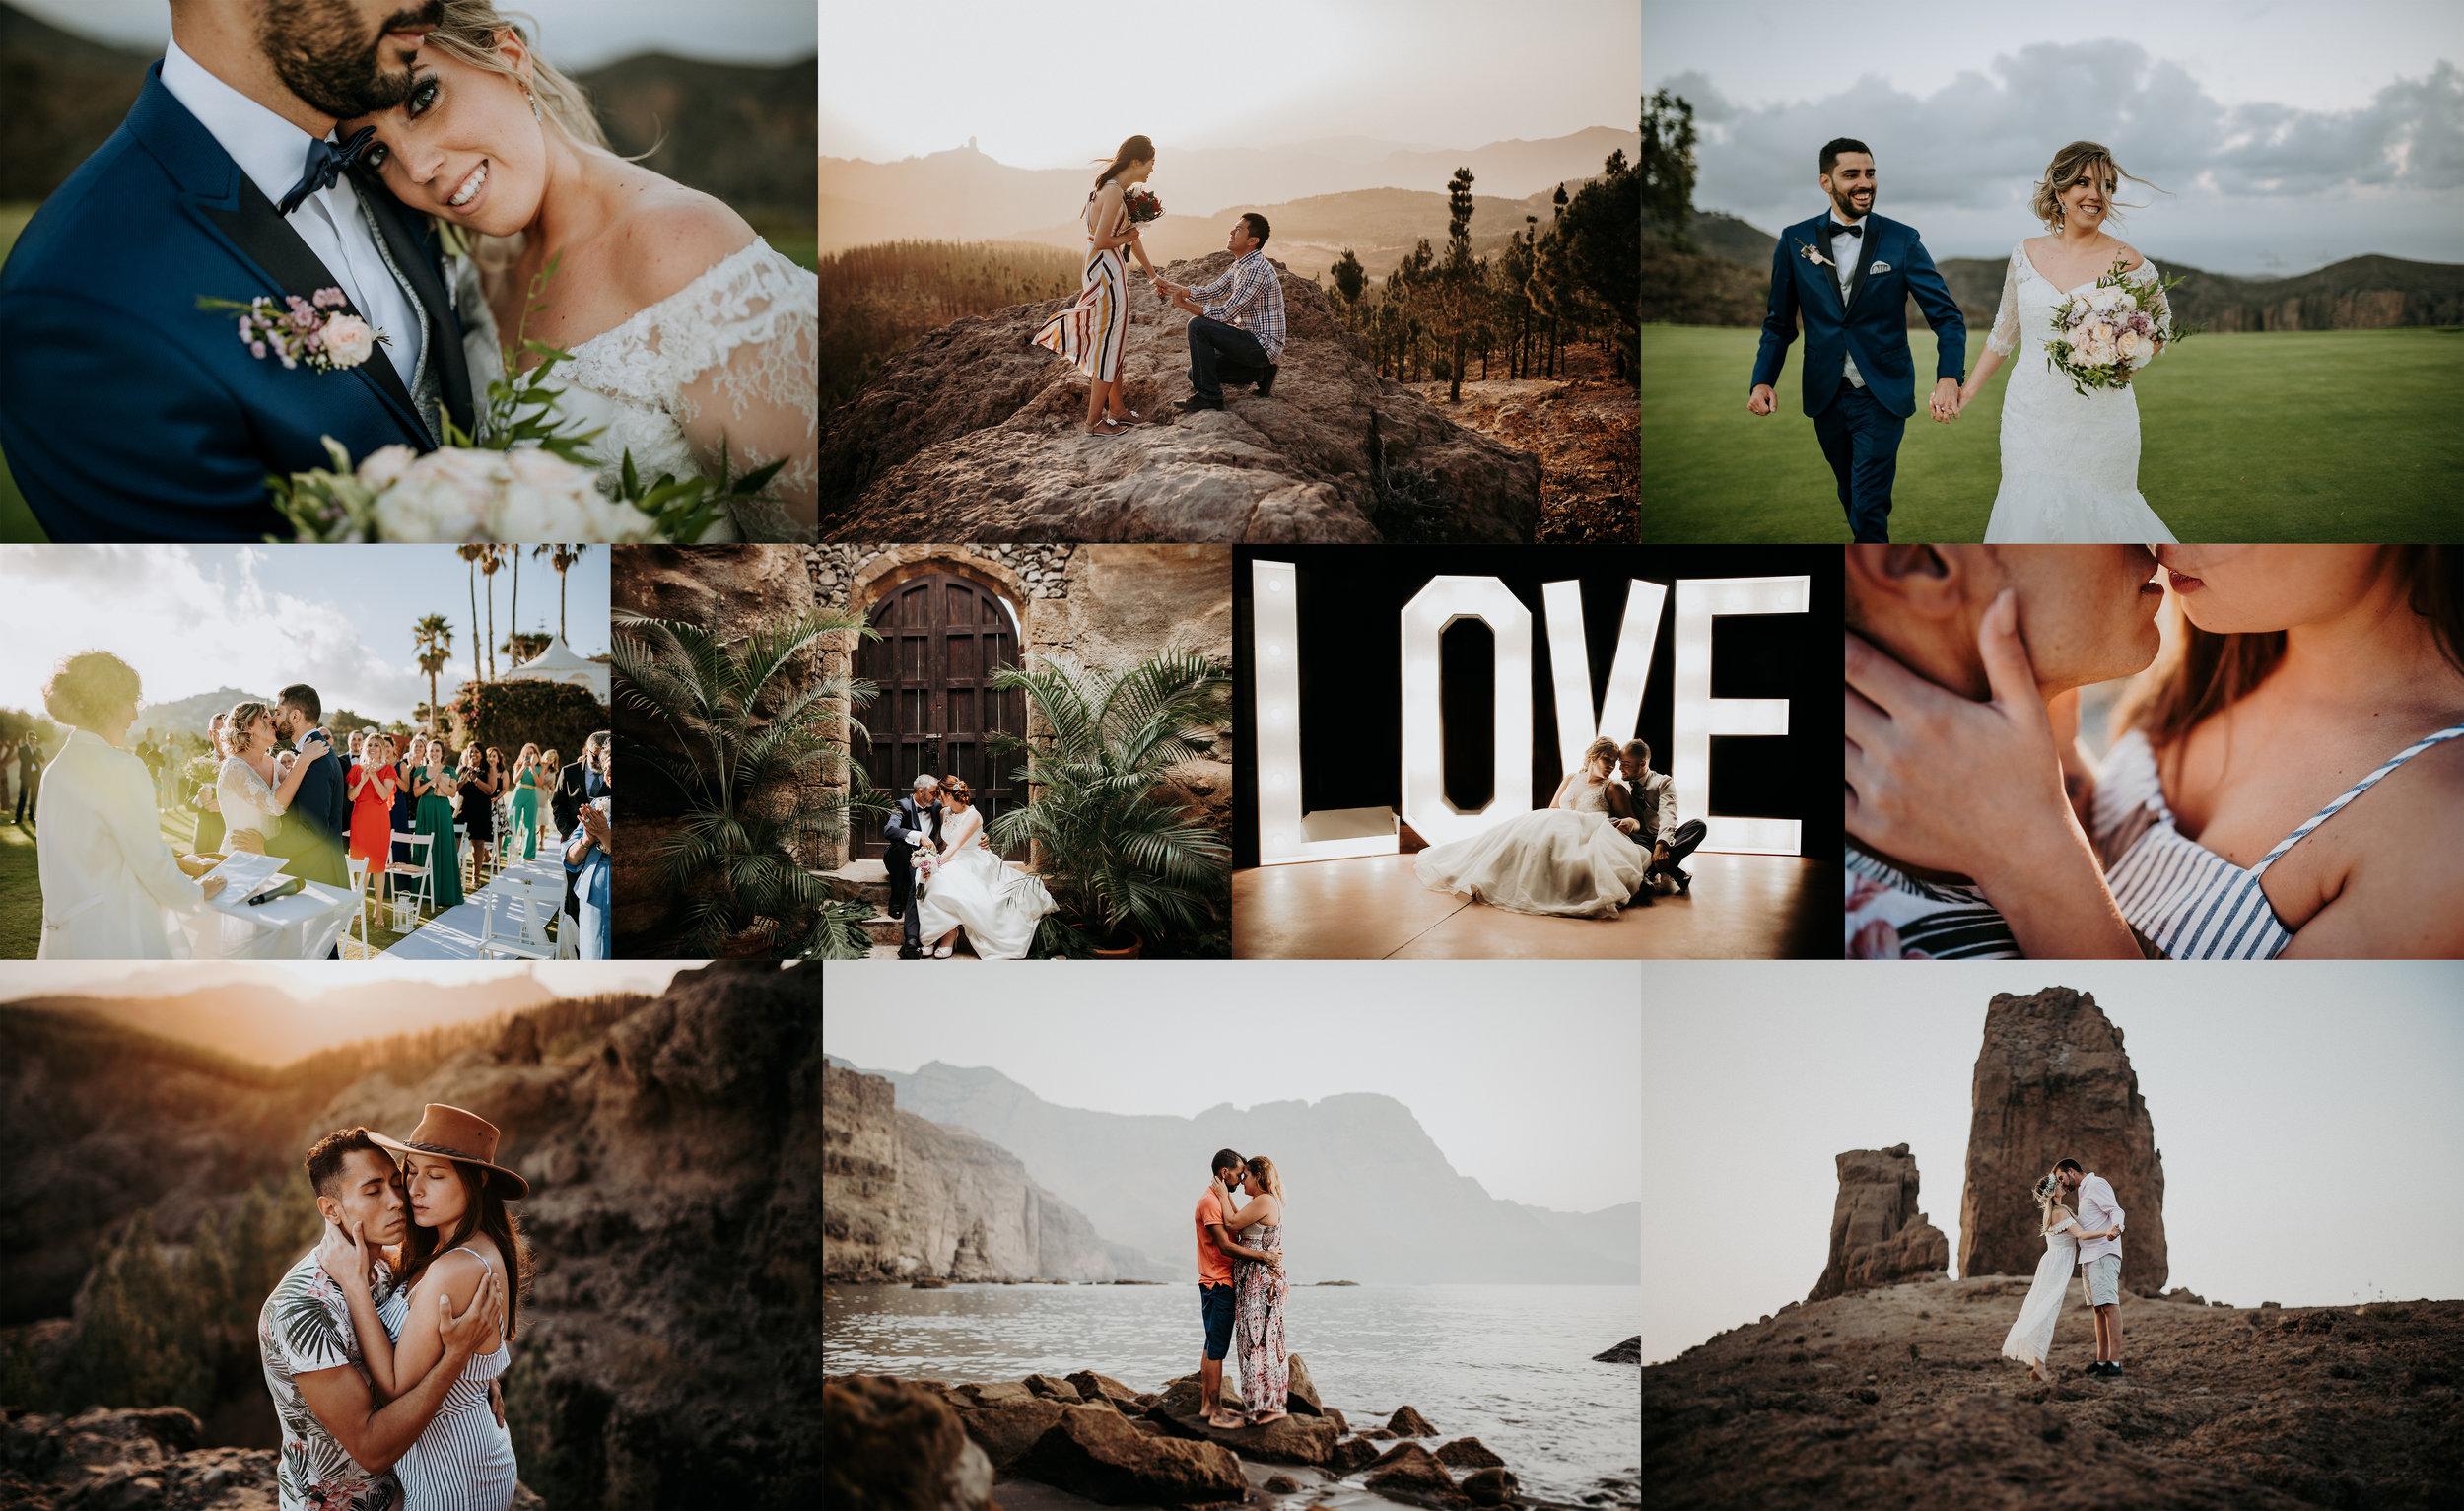 fotografo de bodas las palmas.jpg